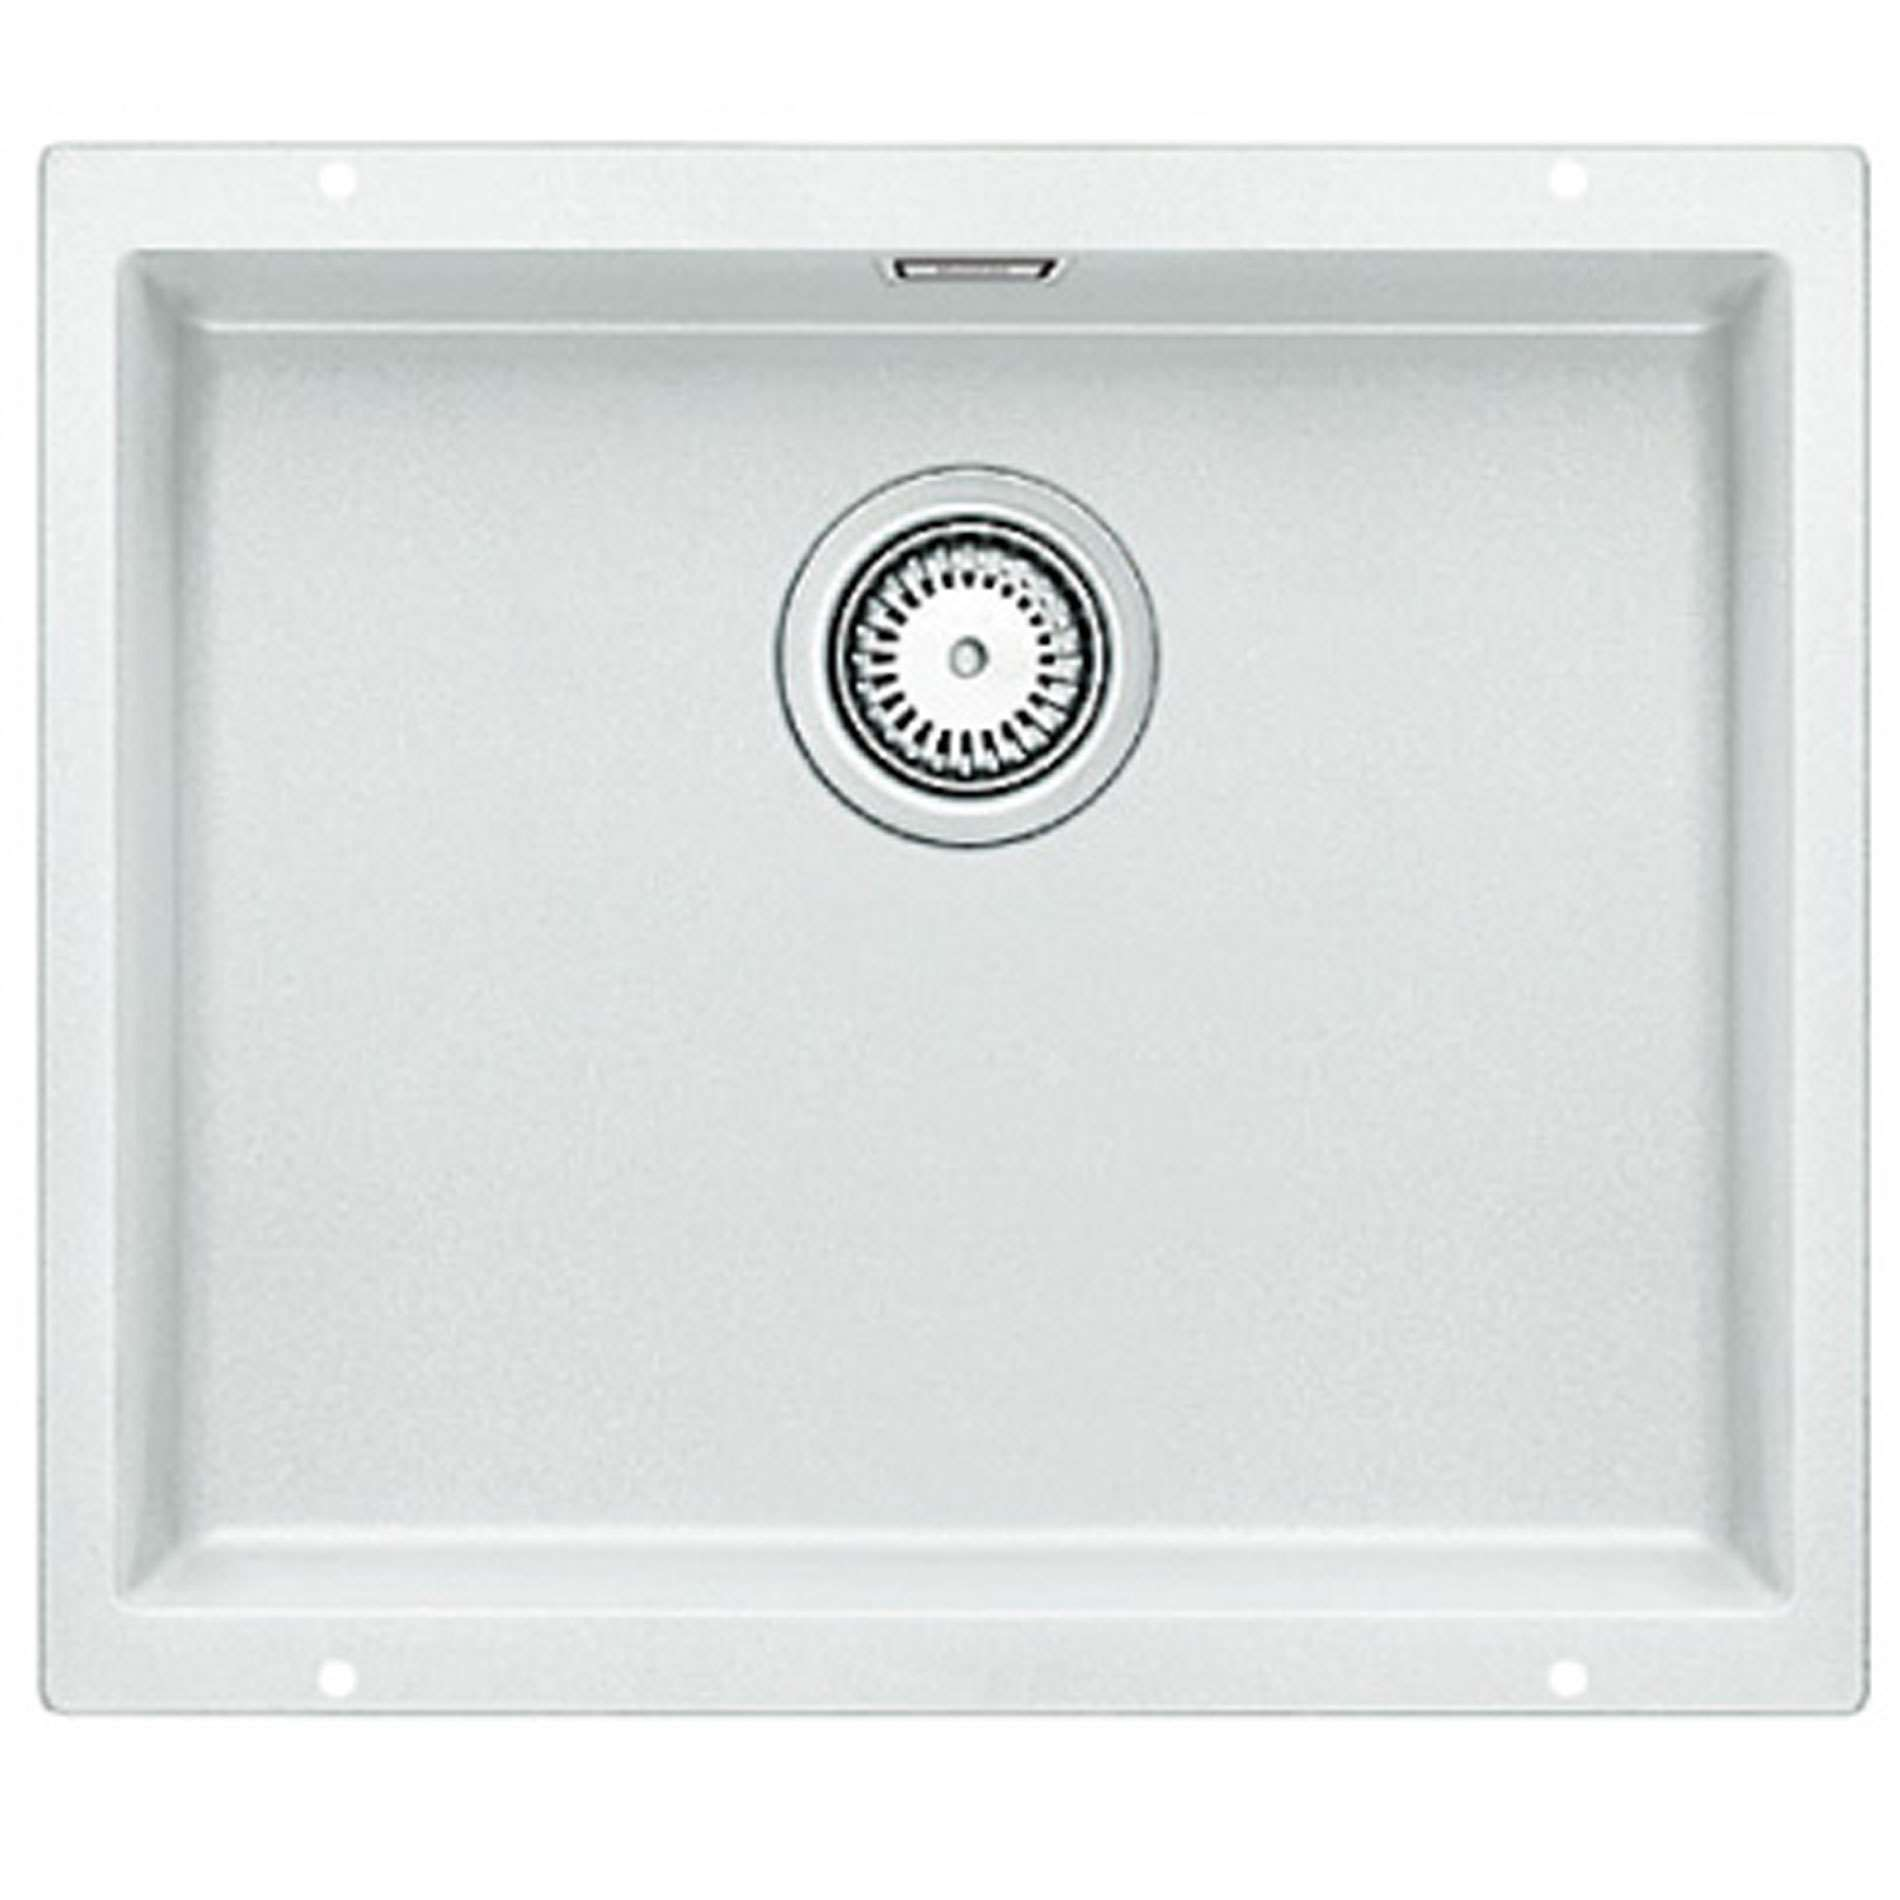 Blanco: BFK003 Plumbing Kit - Kitchen Sinks & Taps